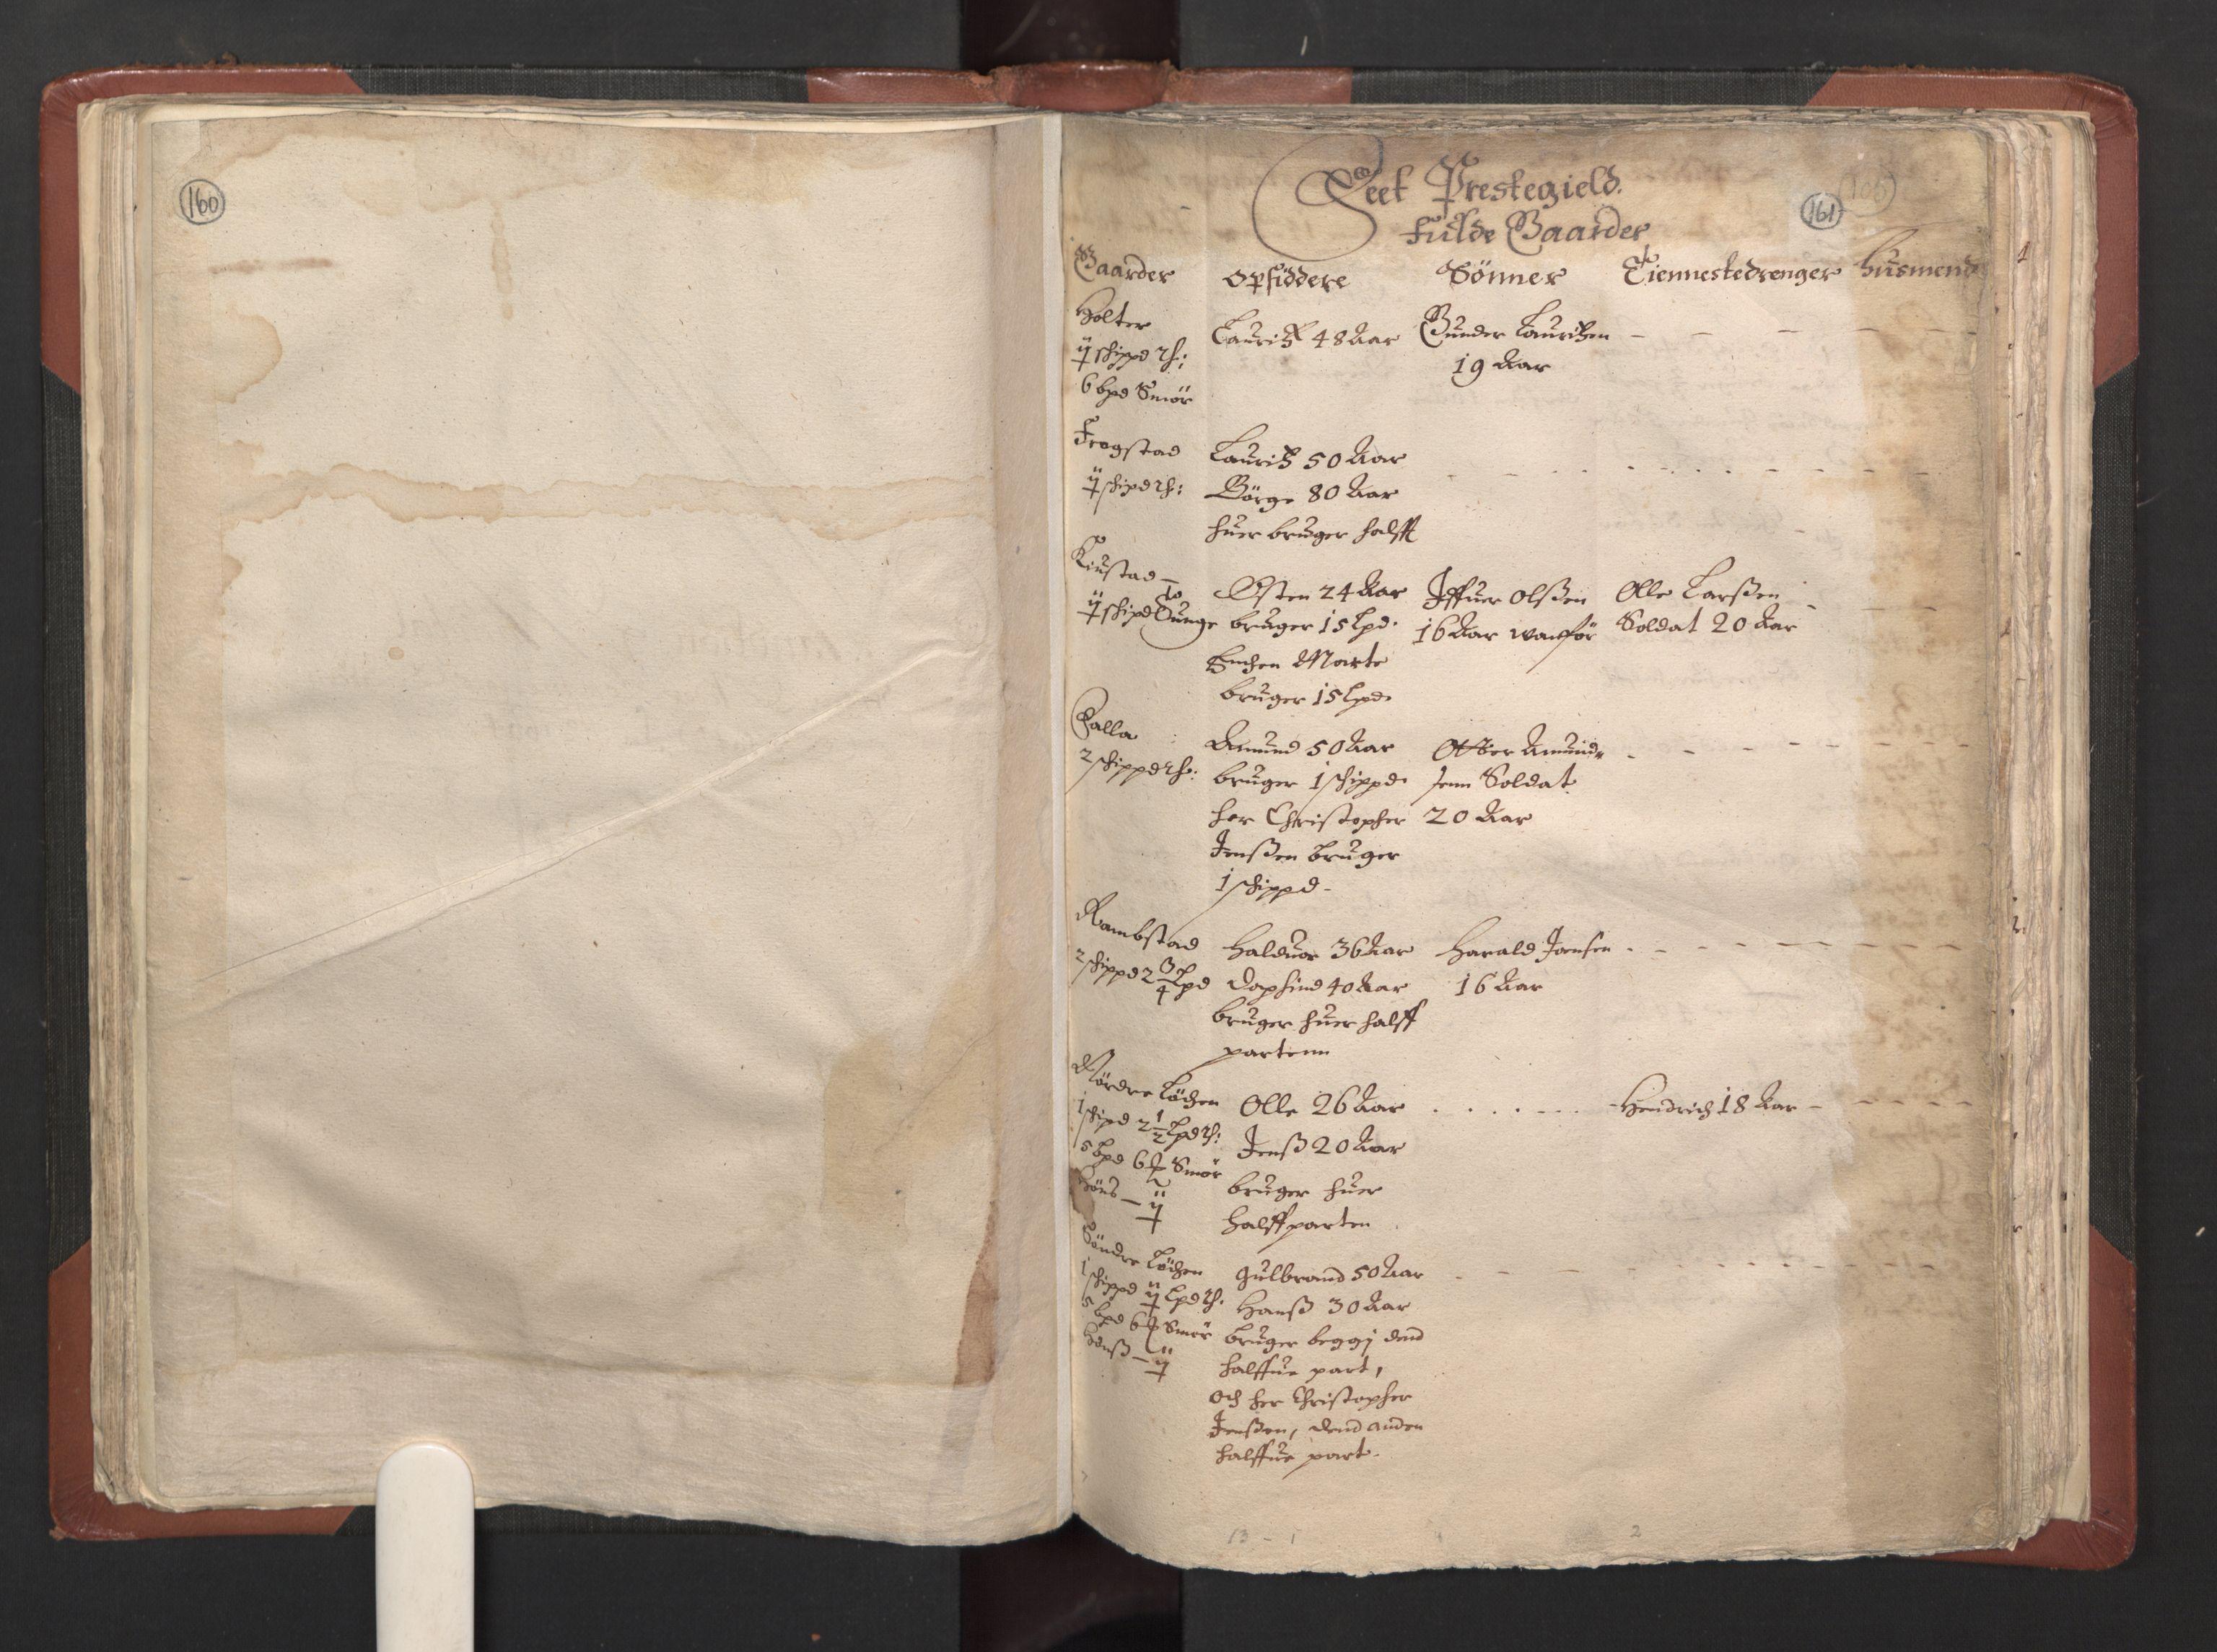 RA, Fogdenes og sorenskrivernes manntall 1664-1666, nr. 2: Aker fogderi, Follo fogderi, Nedre Romerike fogderi og Øvre Romerike fogderi, 1664, s. 160-161